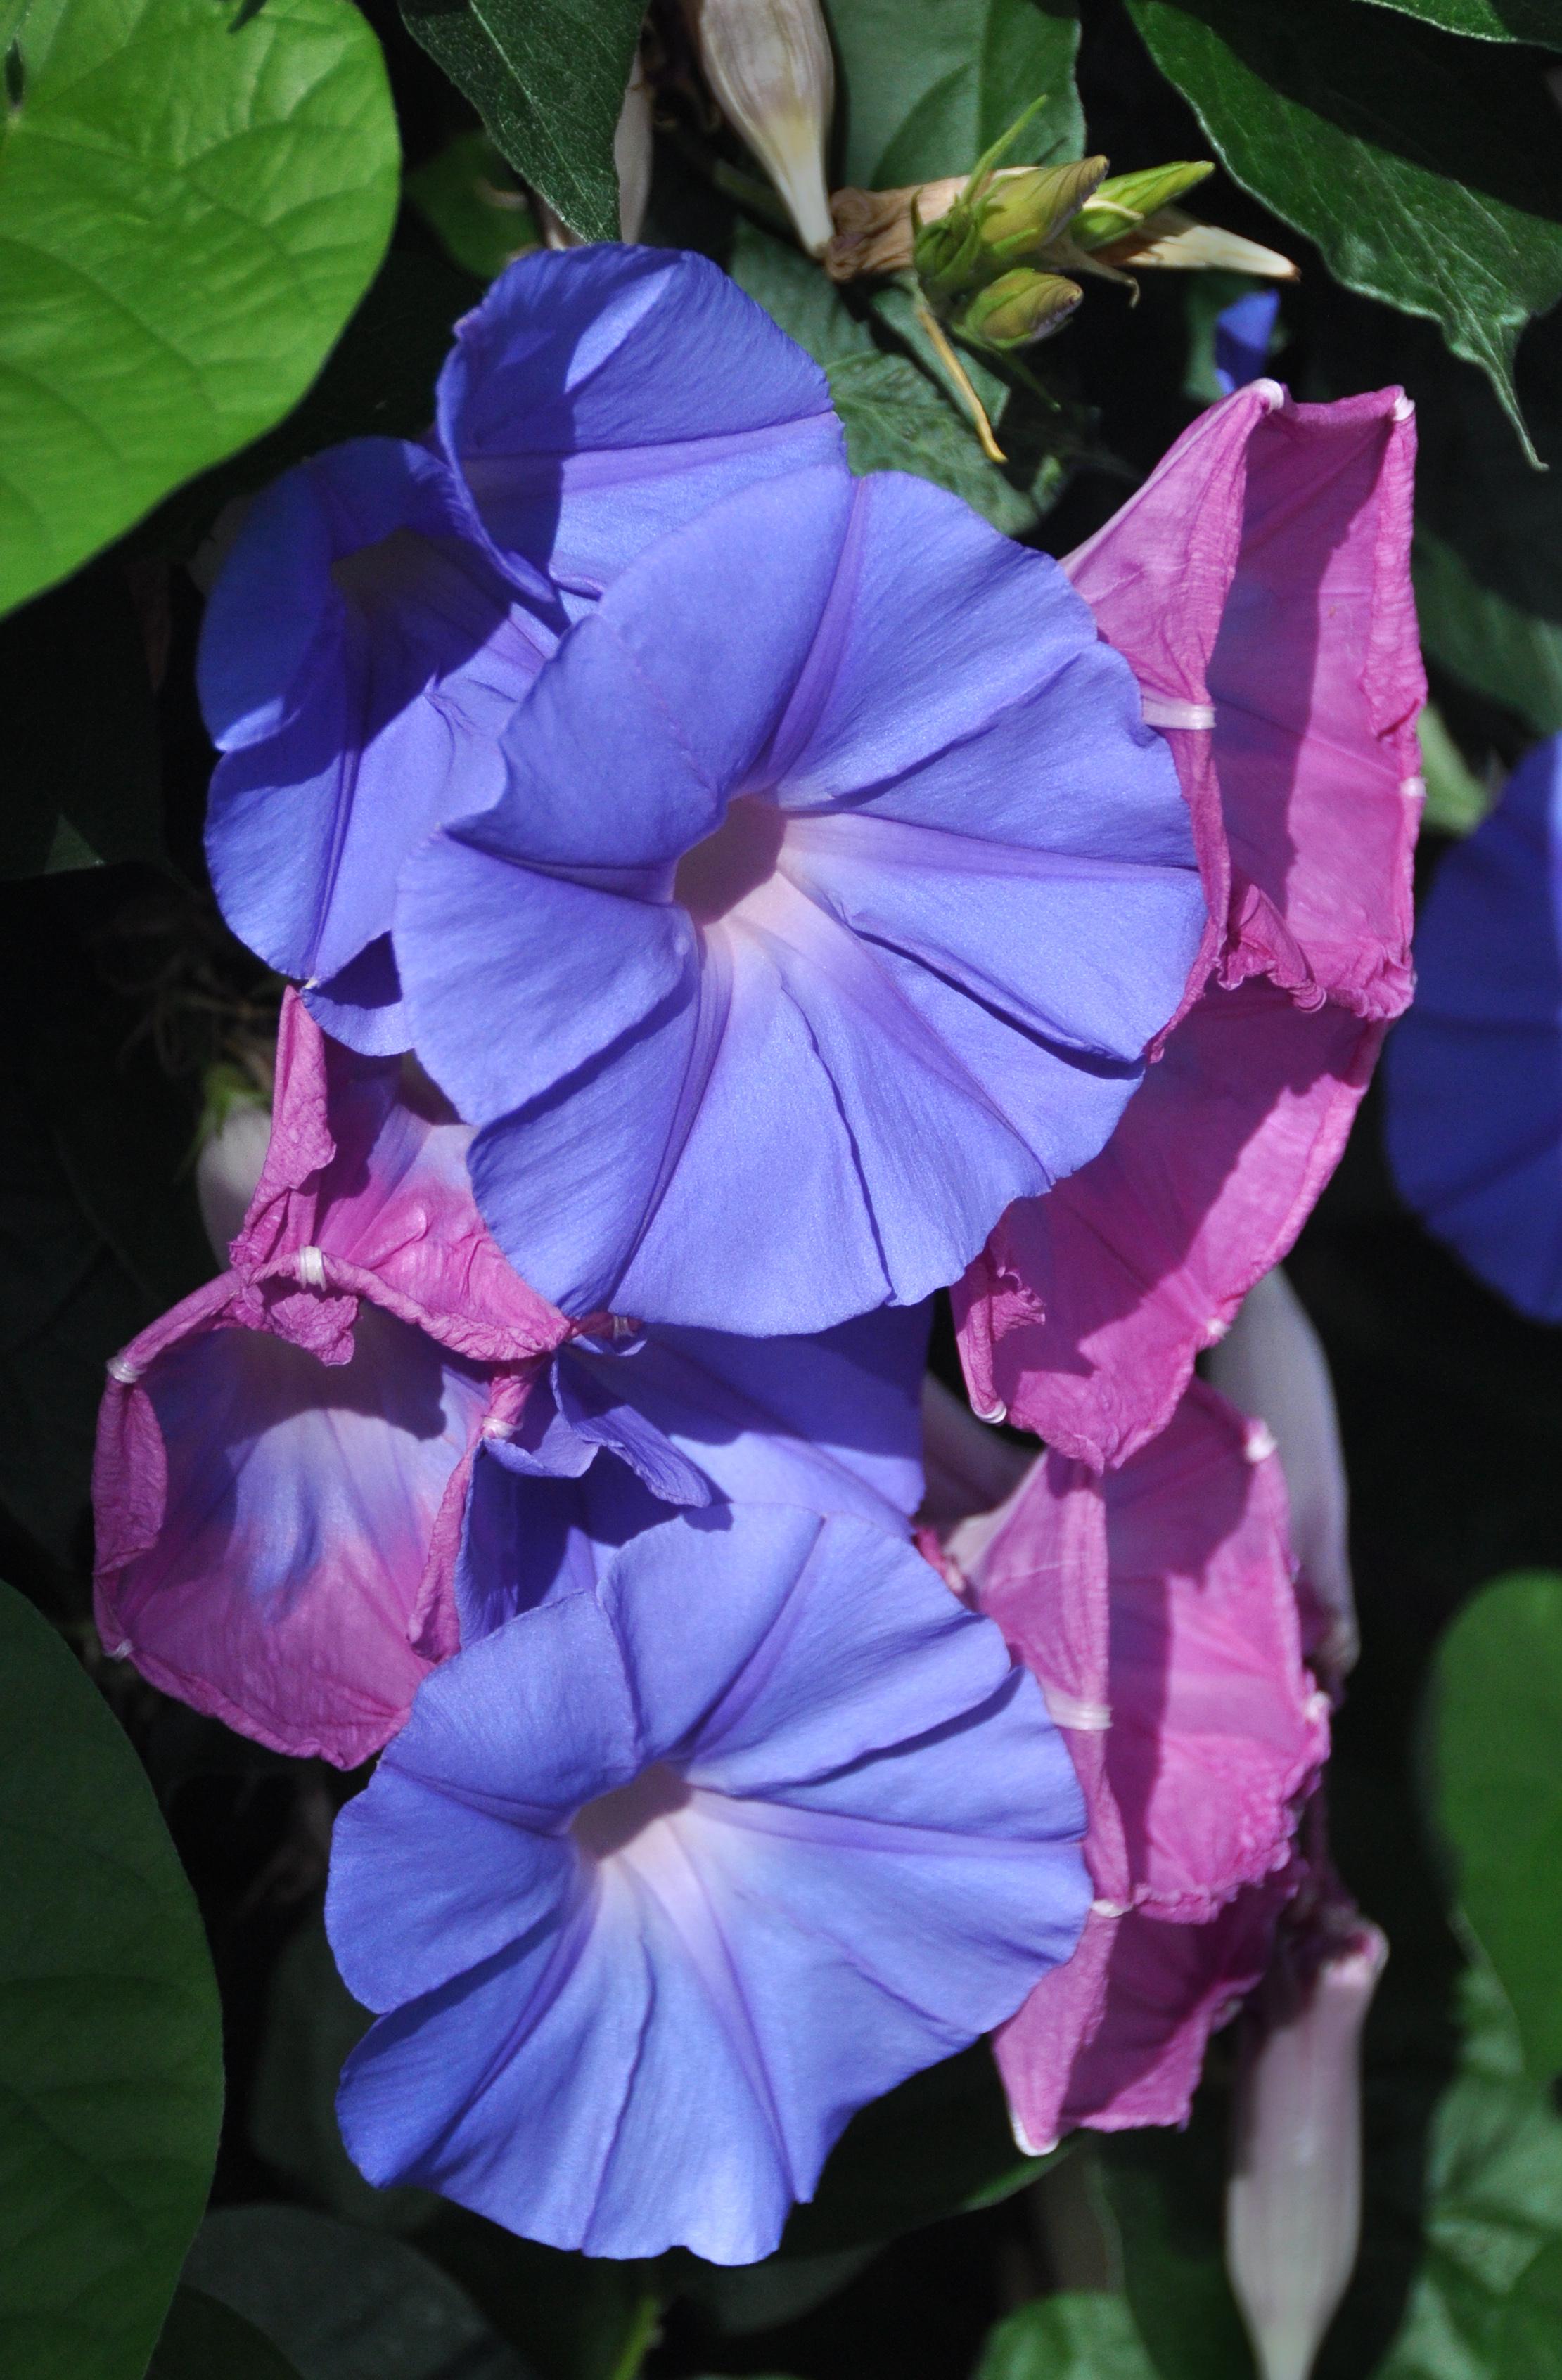 Blue dawn flower longwood gardens blue dawn flower izmirmasajfo